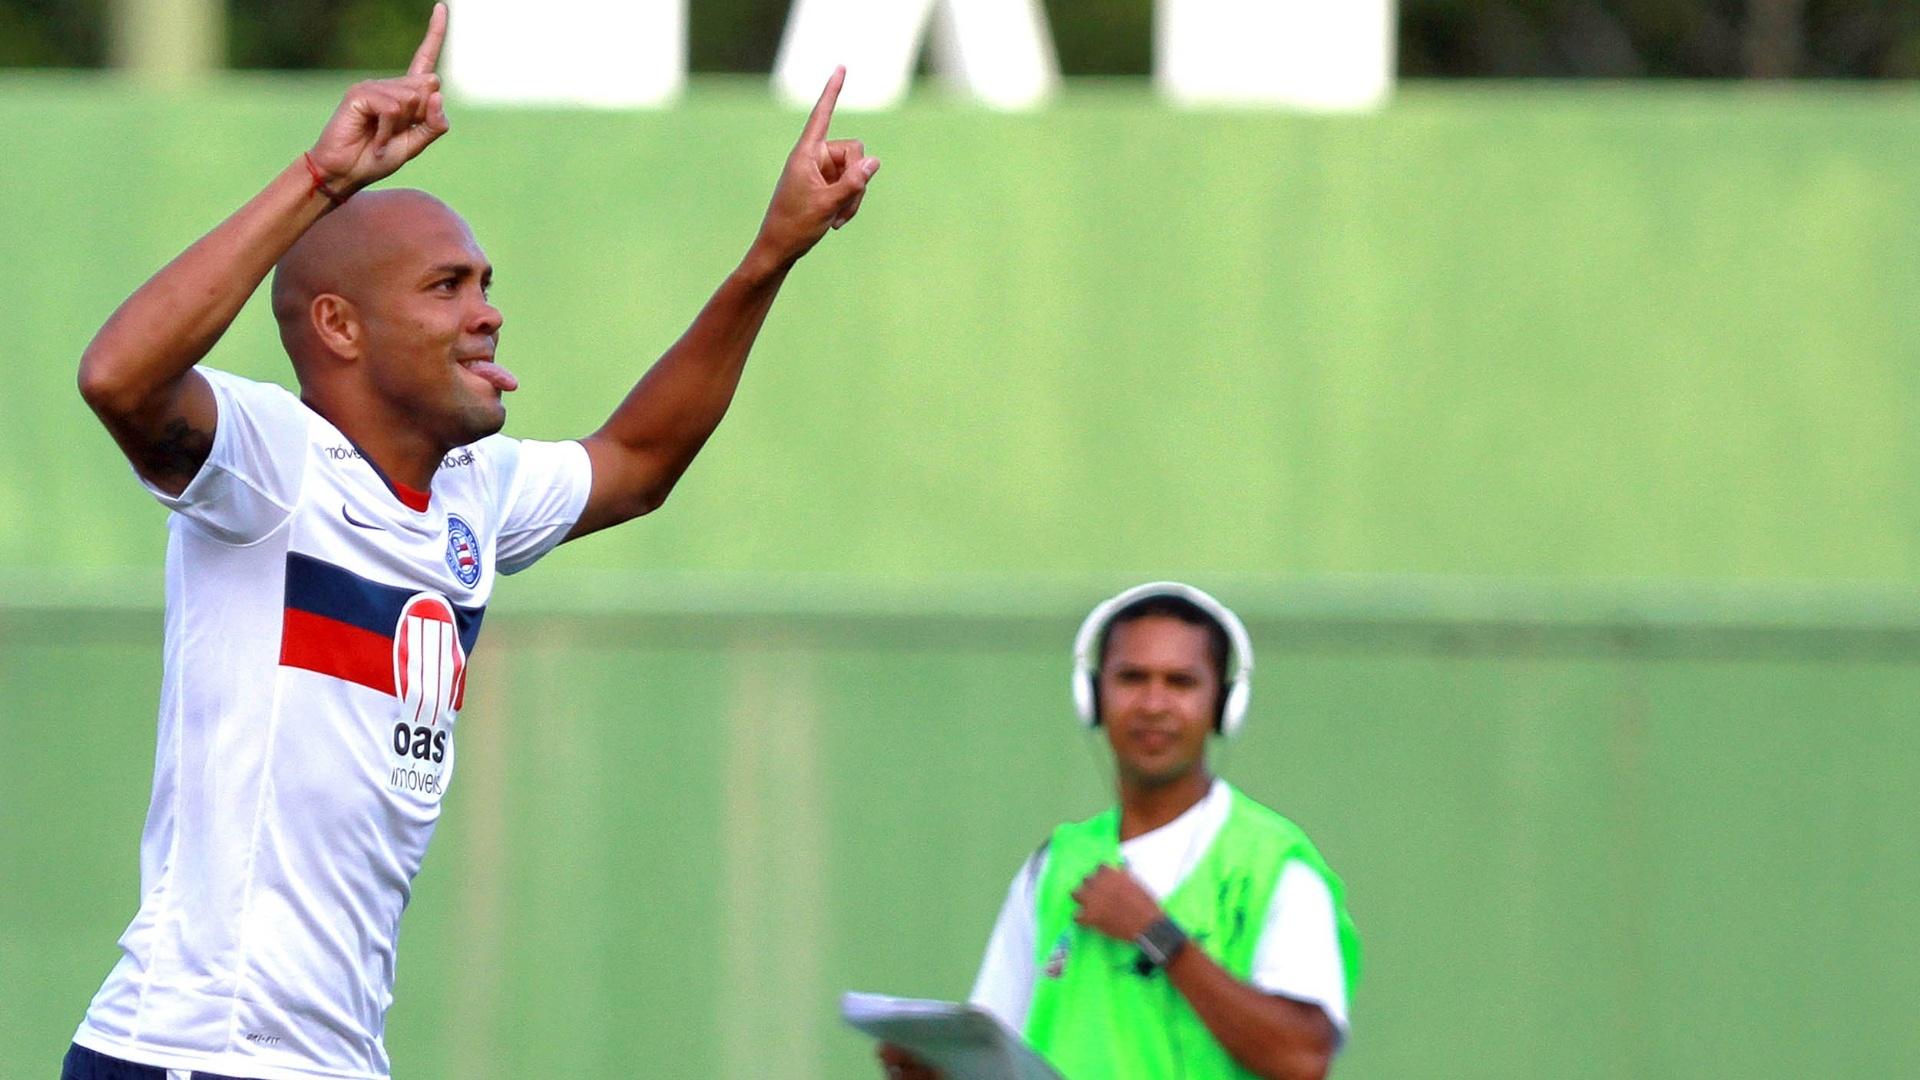 Souza comemora um dos gols que marcou na goleada do Bahia contra o Itabuna pelo Campeonato Baiano